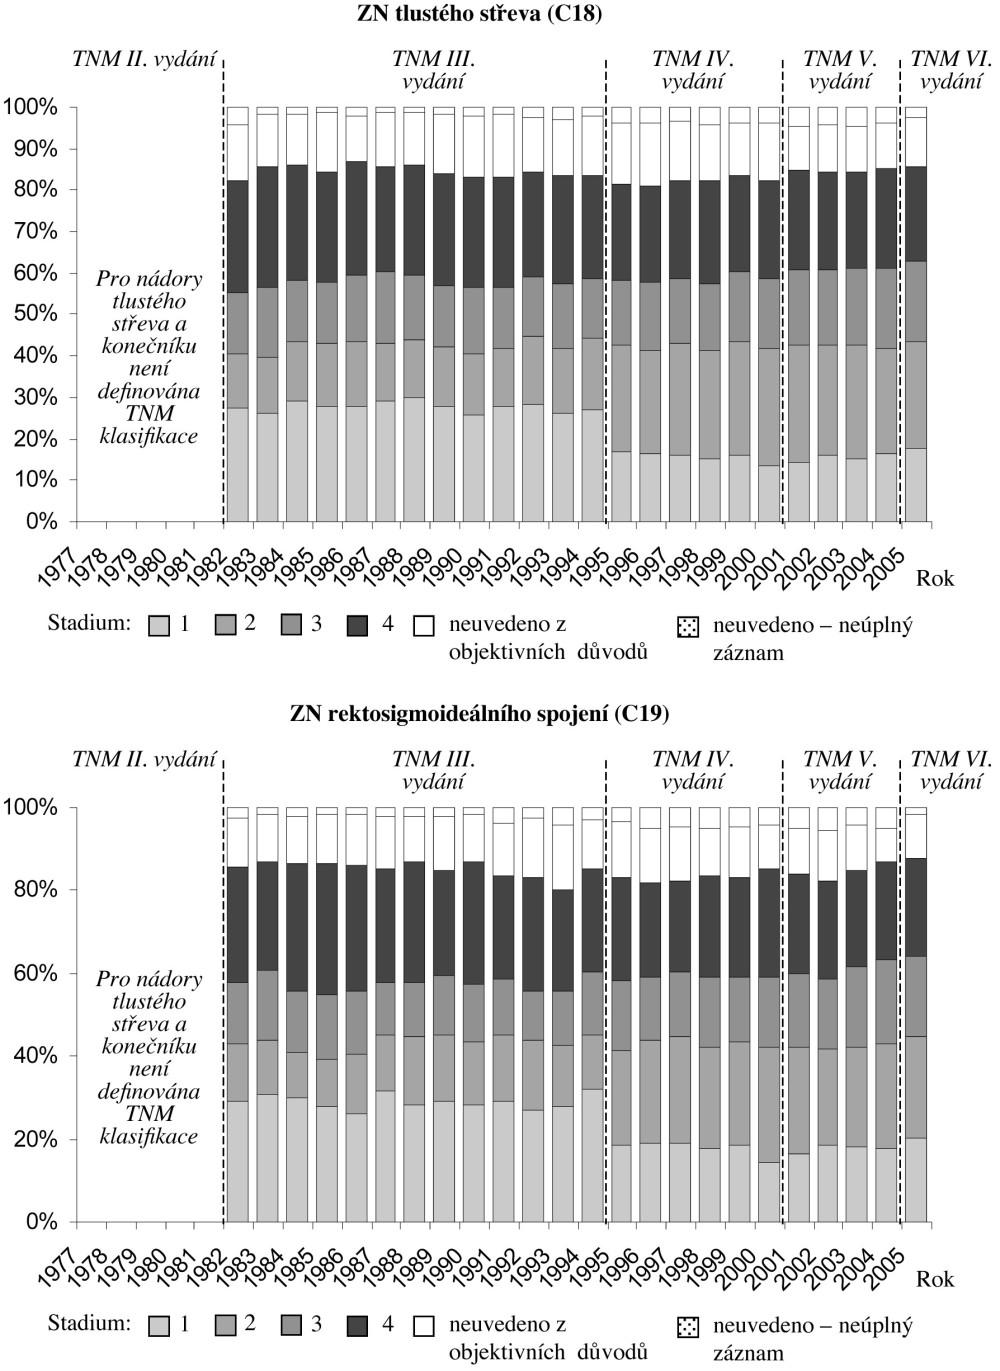 Zastoupení stadií u nově diagnostikovaných nádorů tlustého střeva a konečníku Fig. 3. Rates of various disease stages in newly diagnosed tumors of the large intestine and rectum